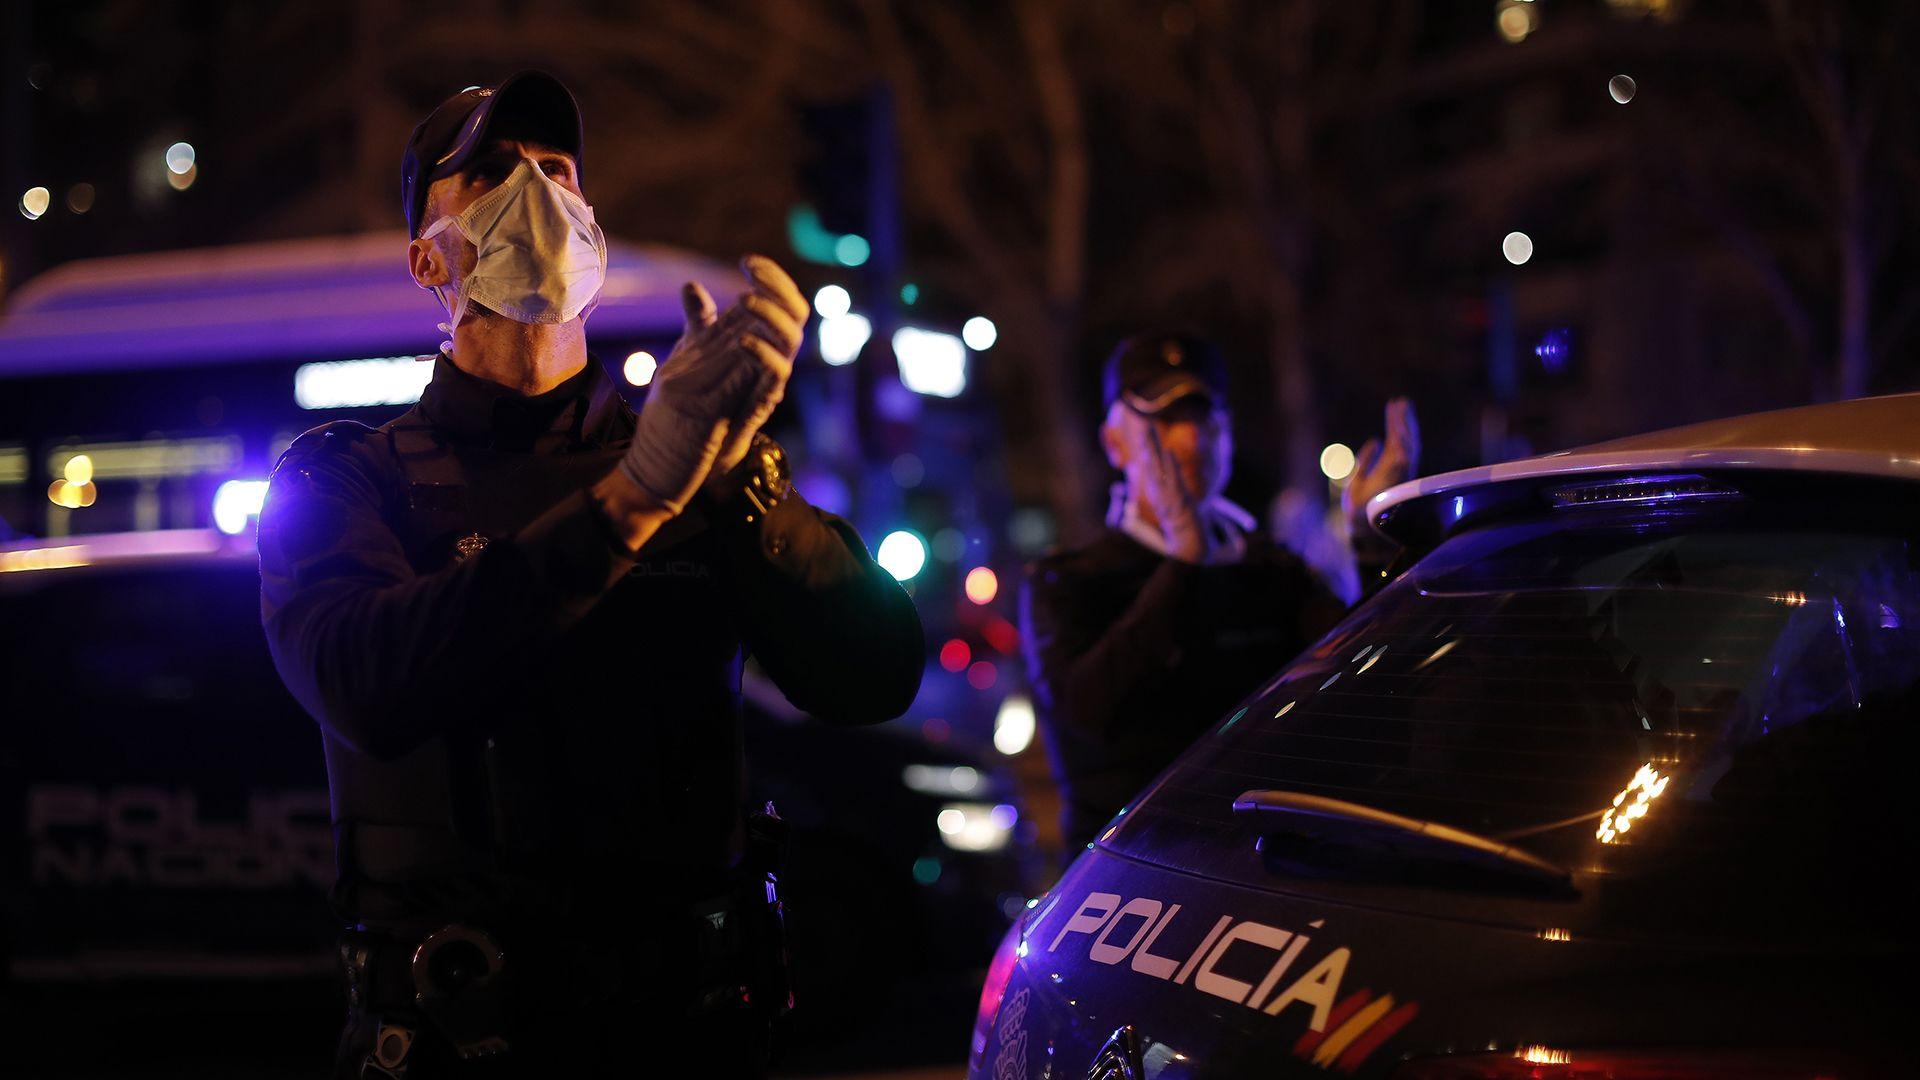 Zenével szórakoztatják a spanyol rendőrök a kijárási tilalom miatt otthon maradókat